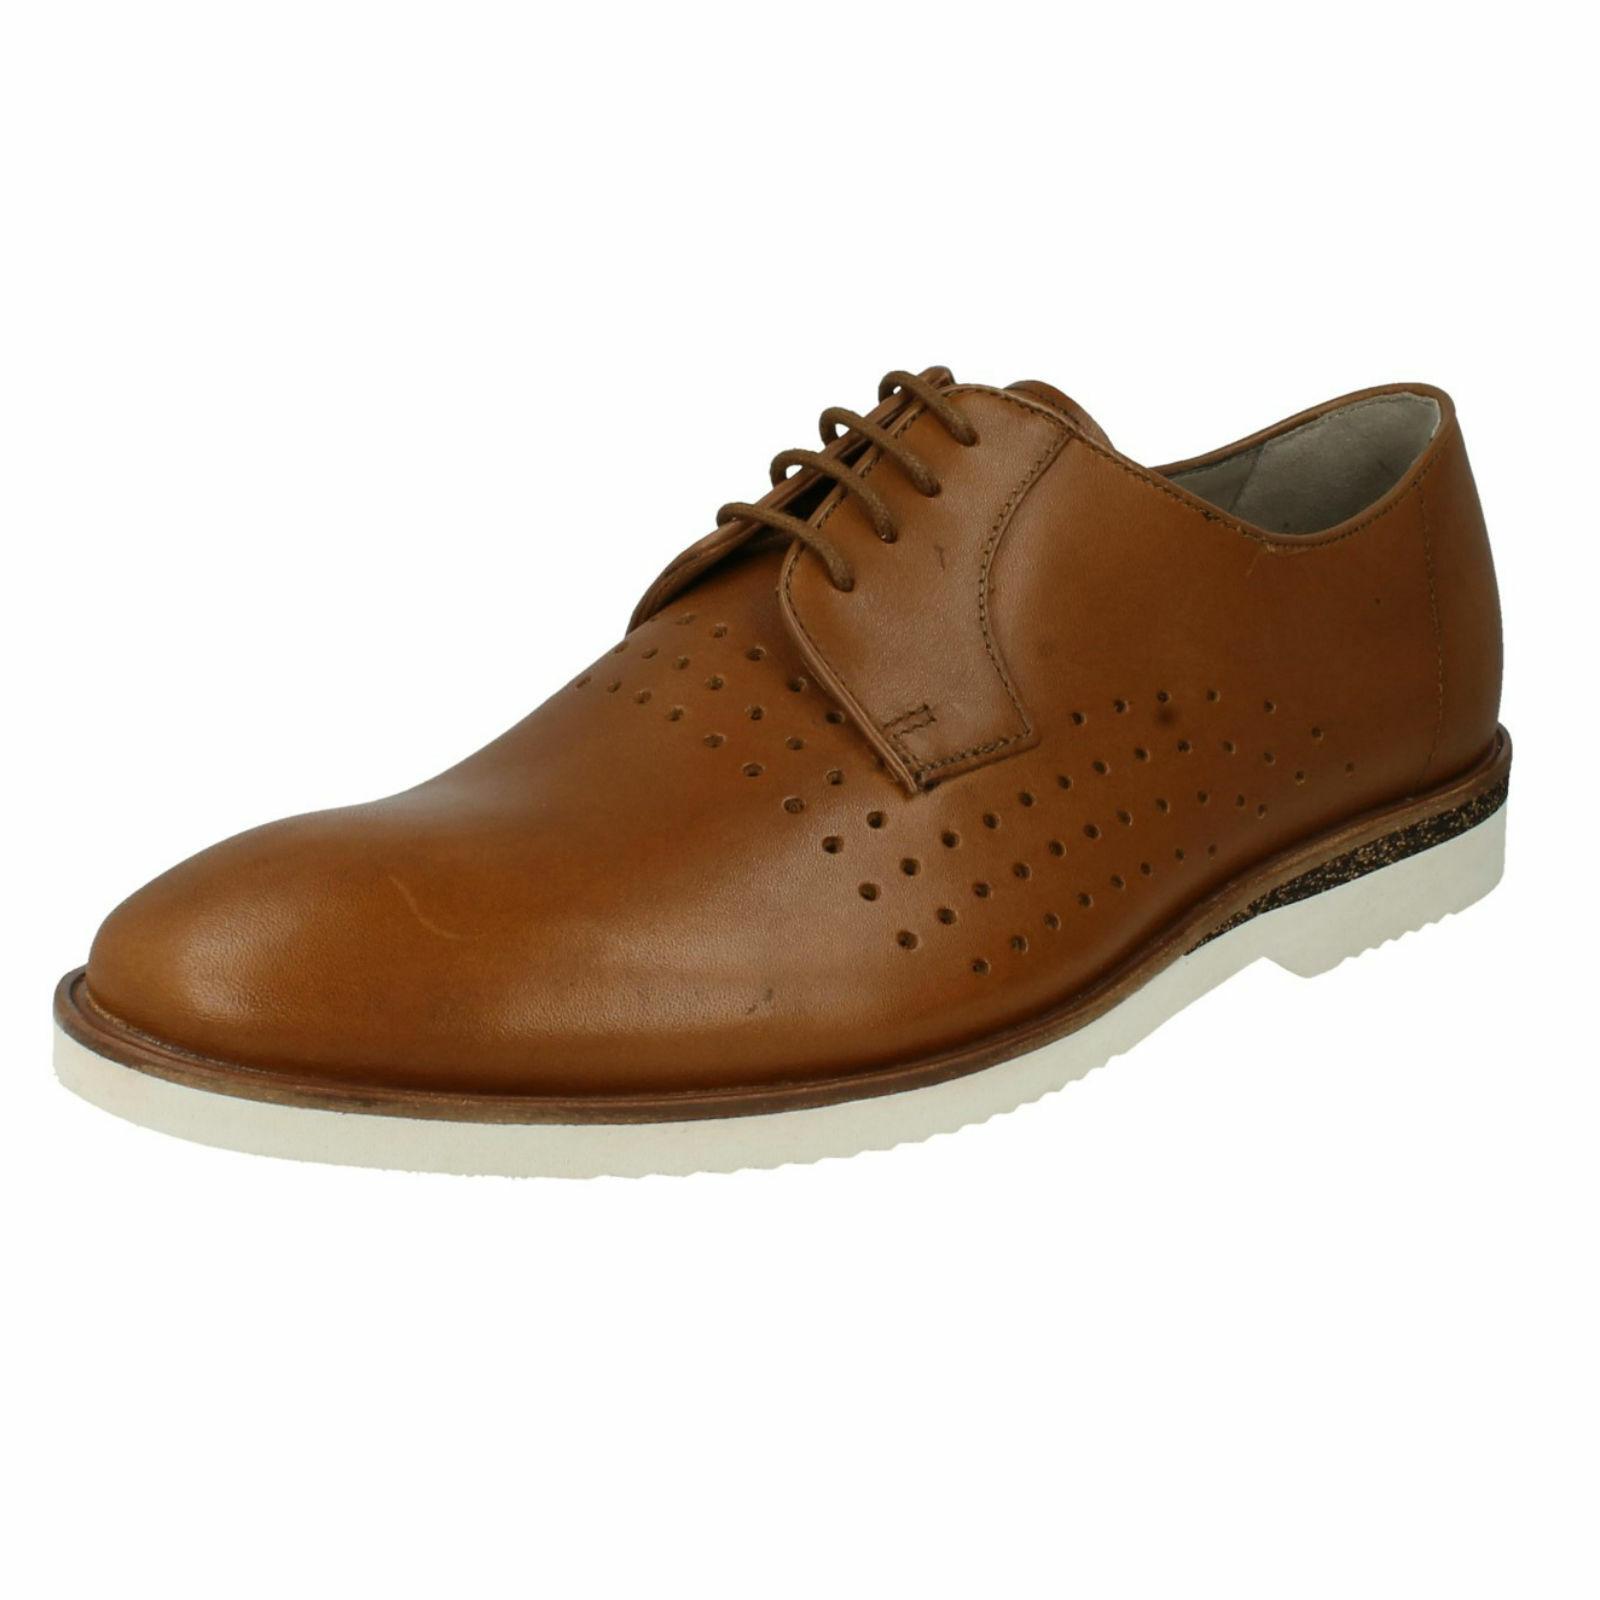 Clarks da men pelle Ufficio Estive Leggere shoes Casual con Lacci Tulik Edge